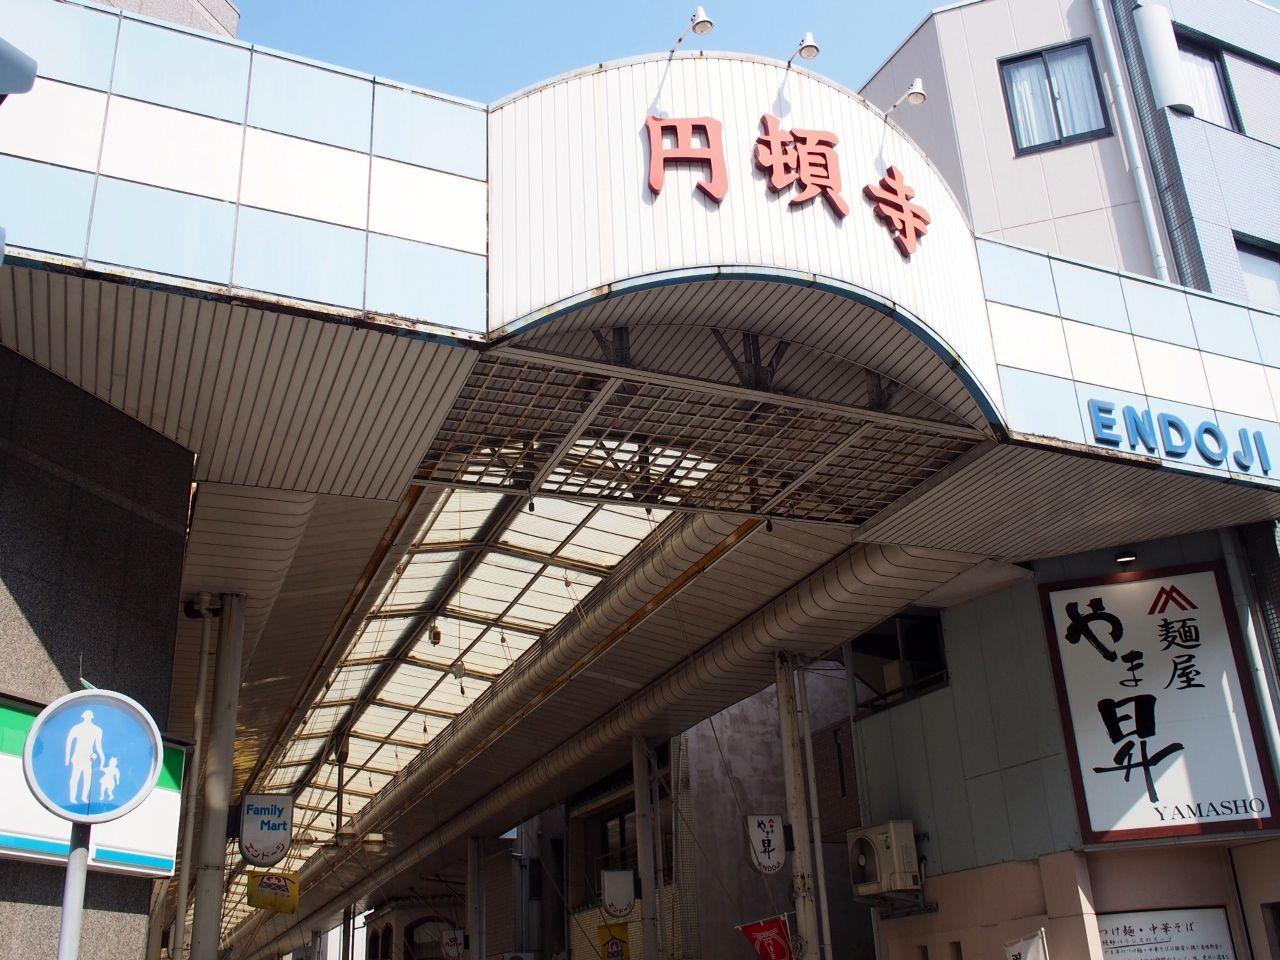 人気急上昇中のスポット、円頓寺商店街